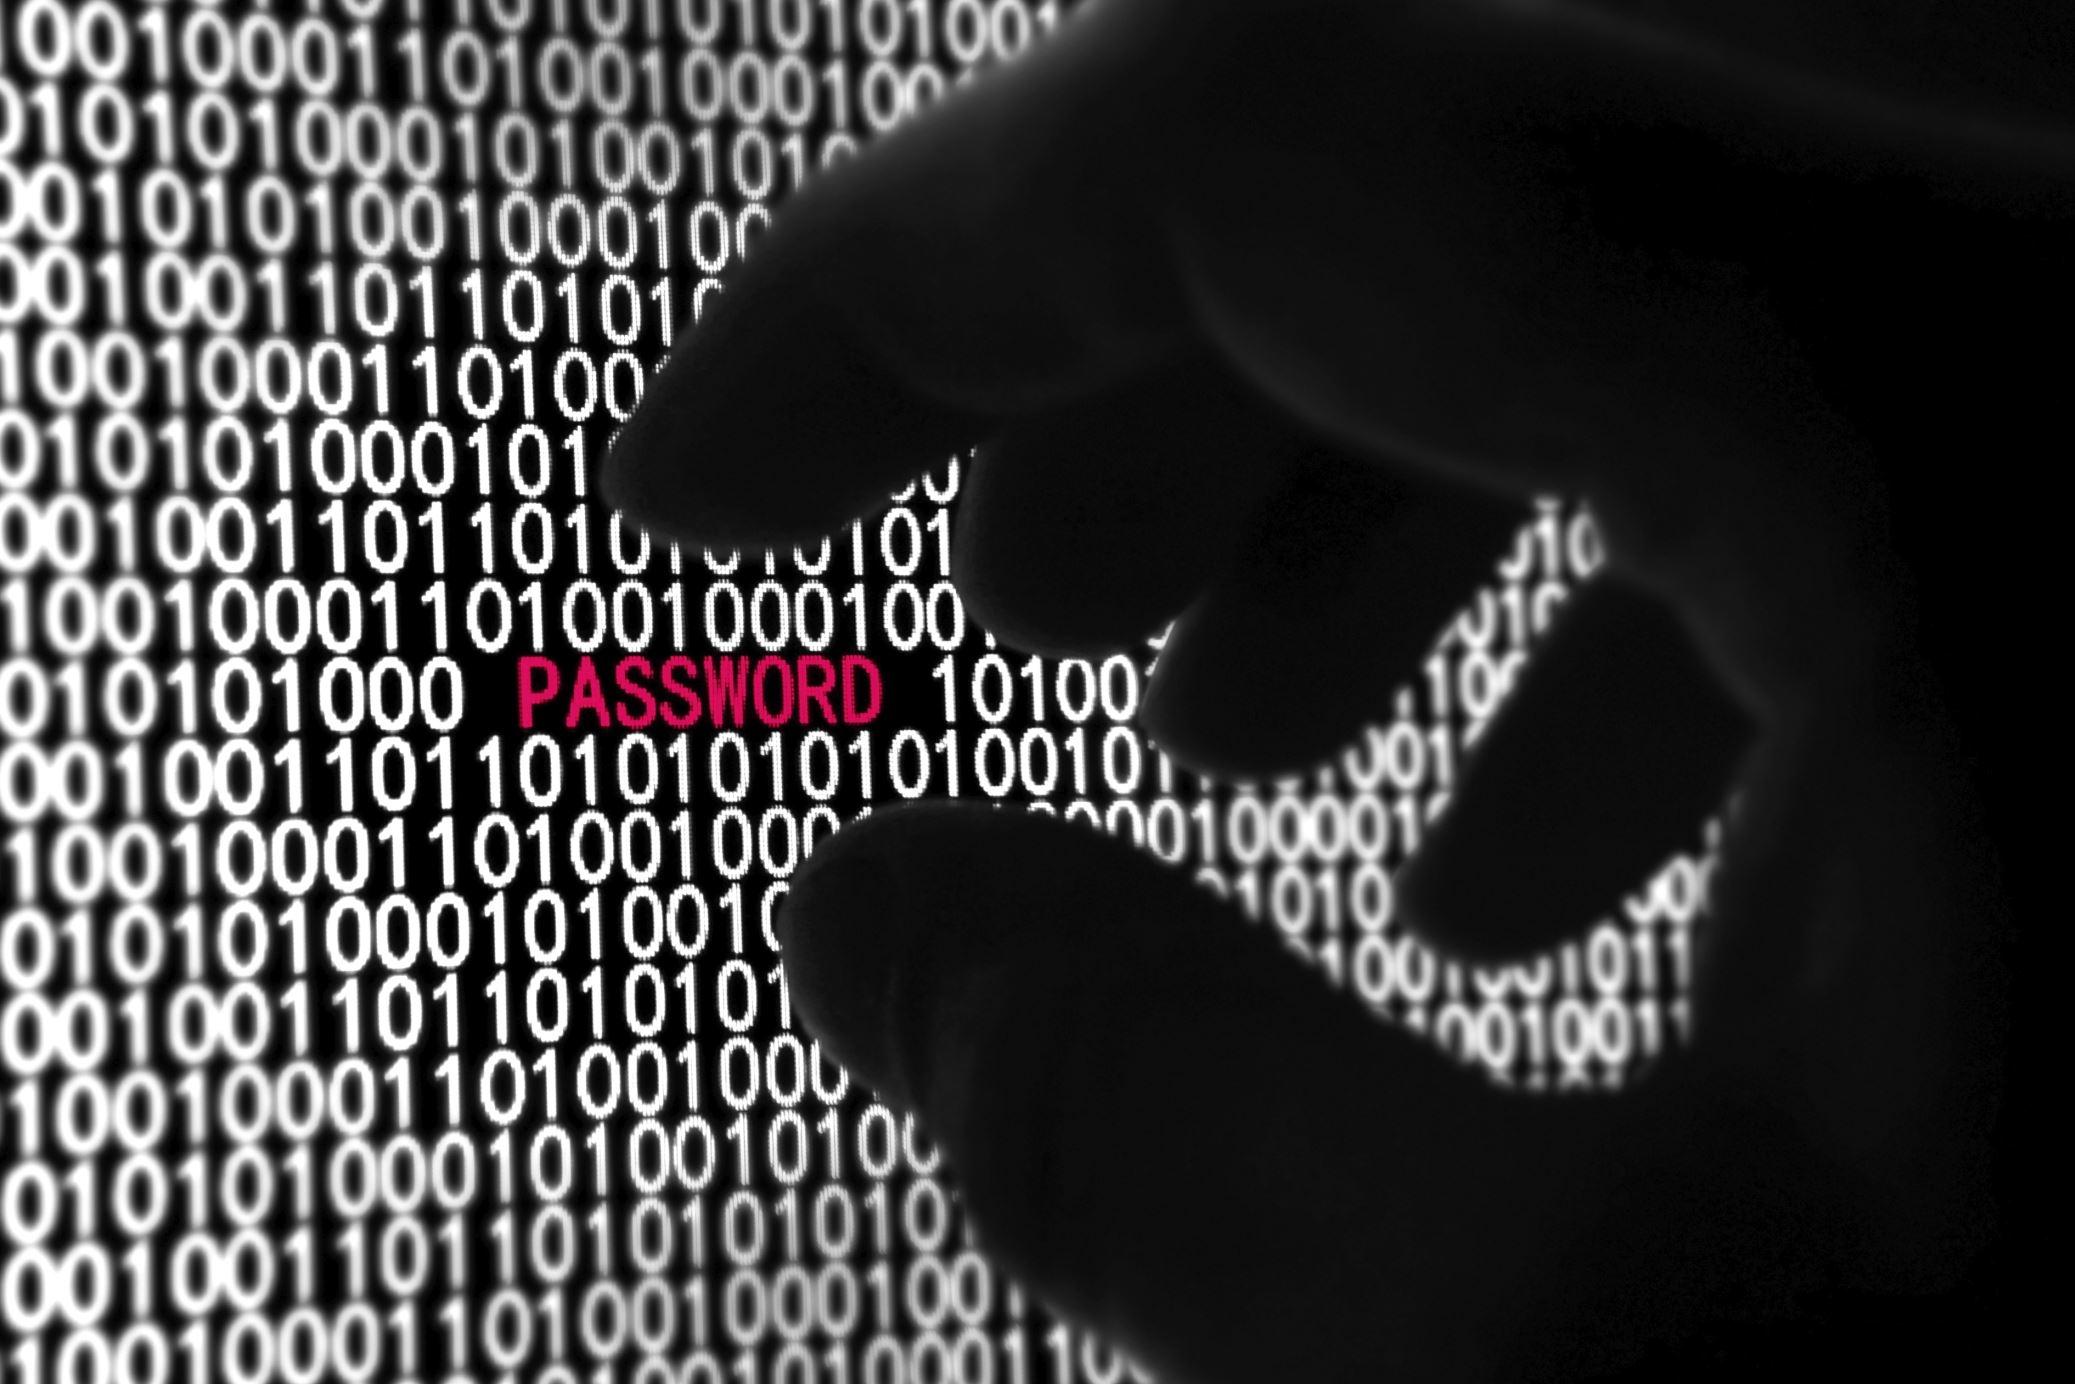 Přednáška na téma boje proti kybernetické kriminalitě